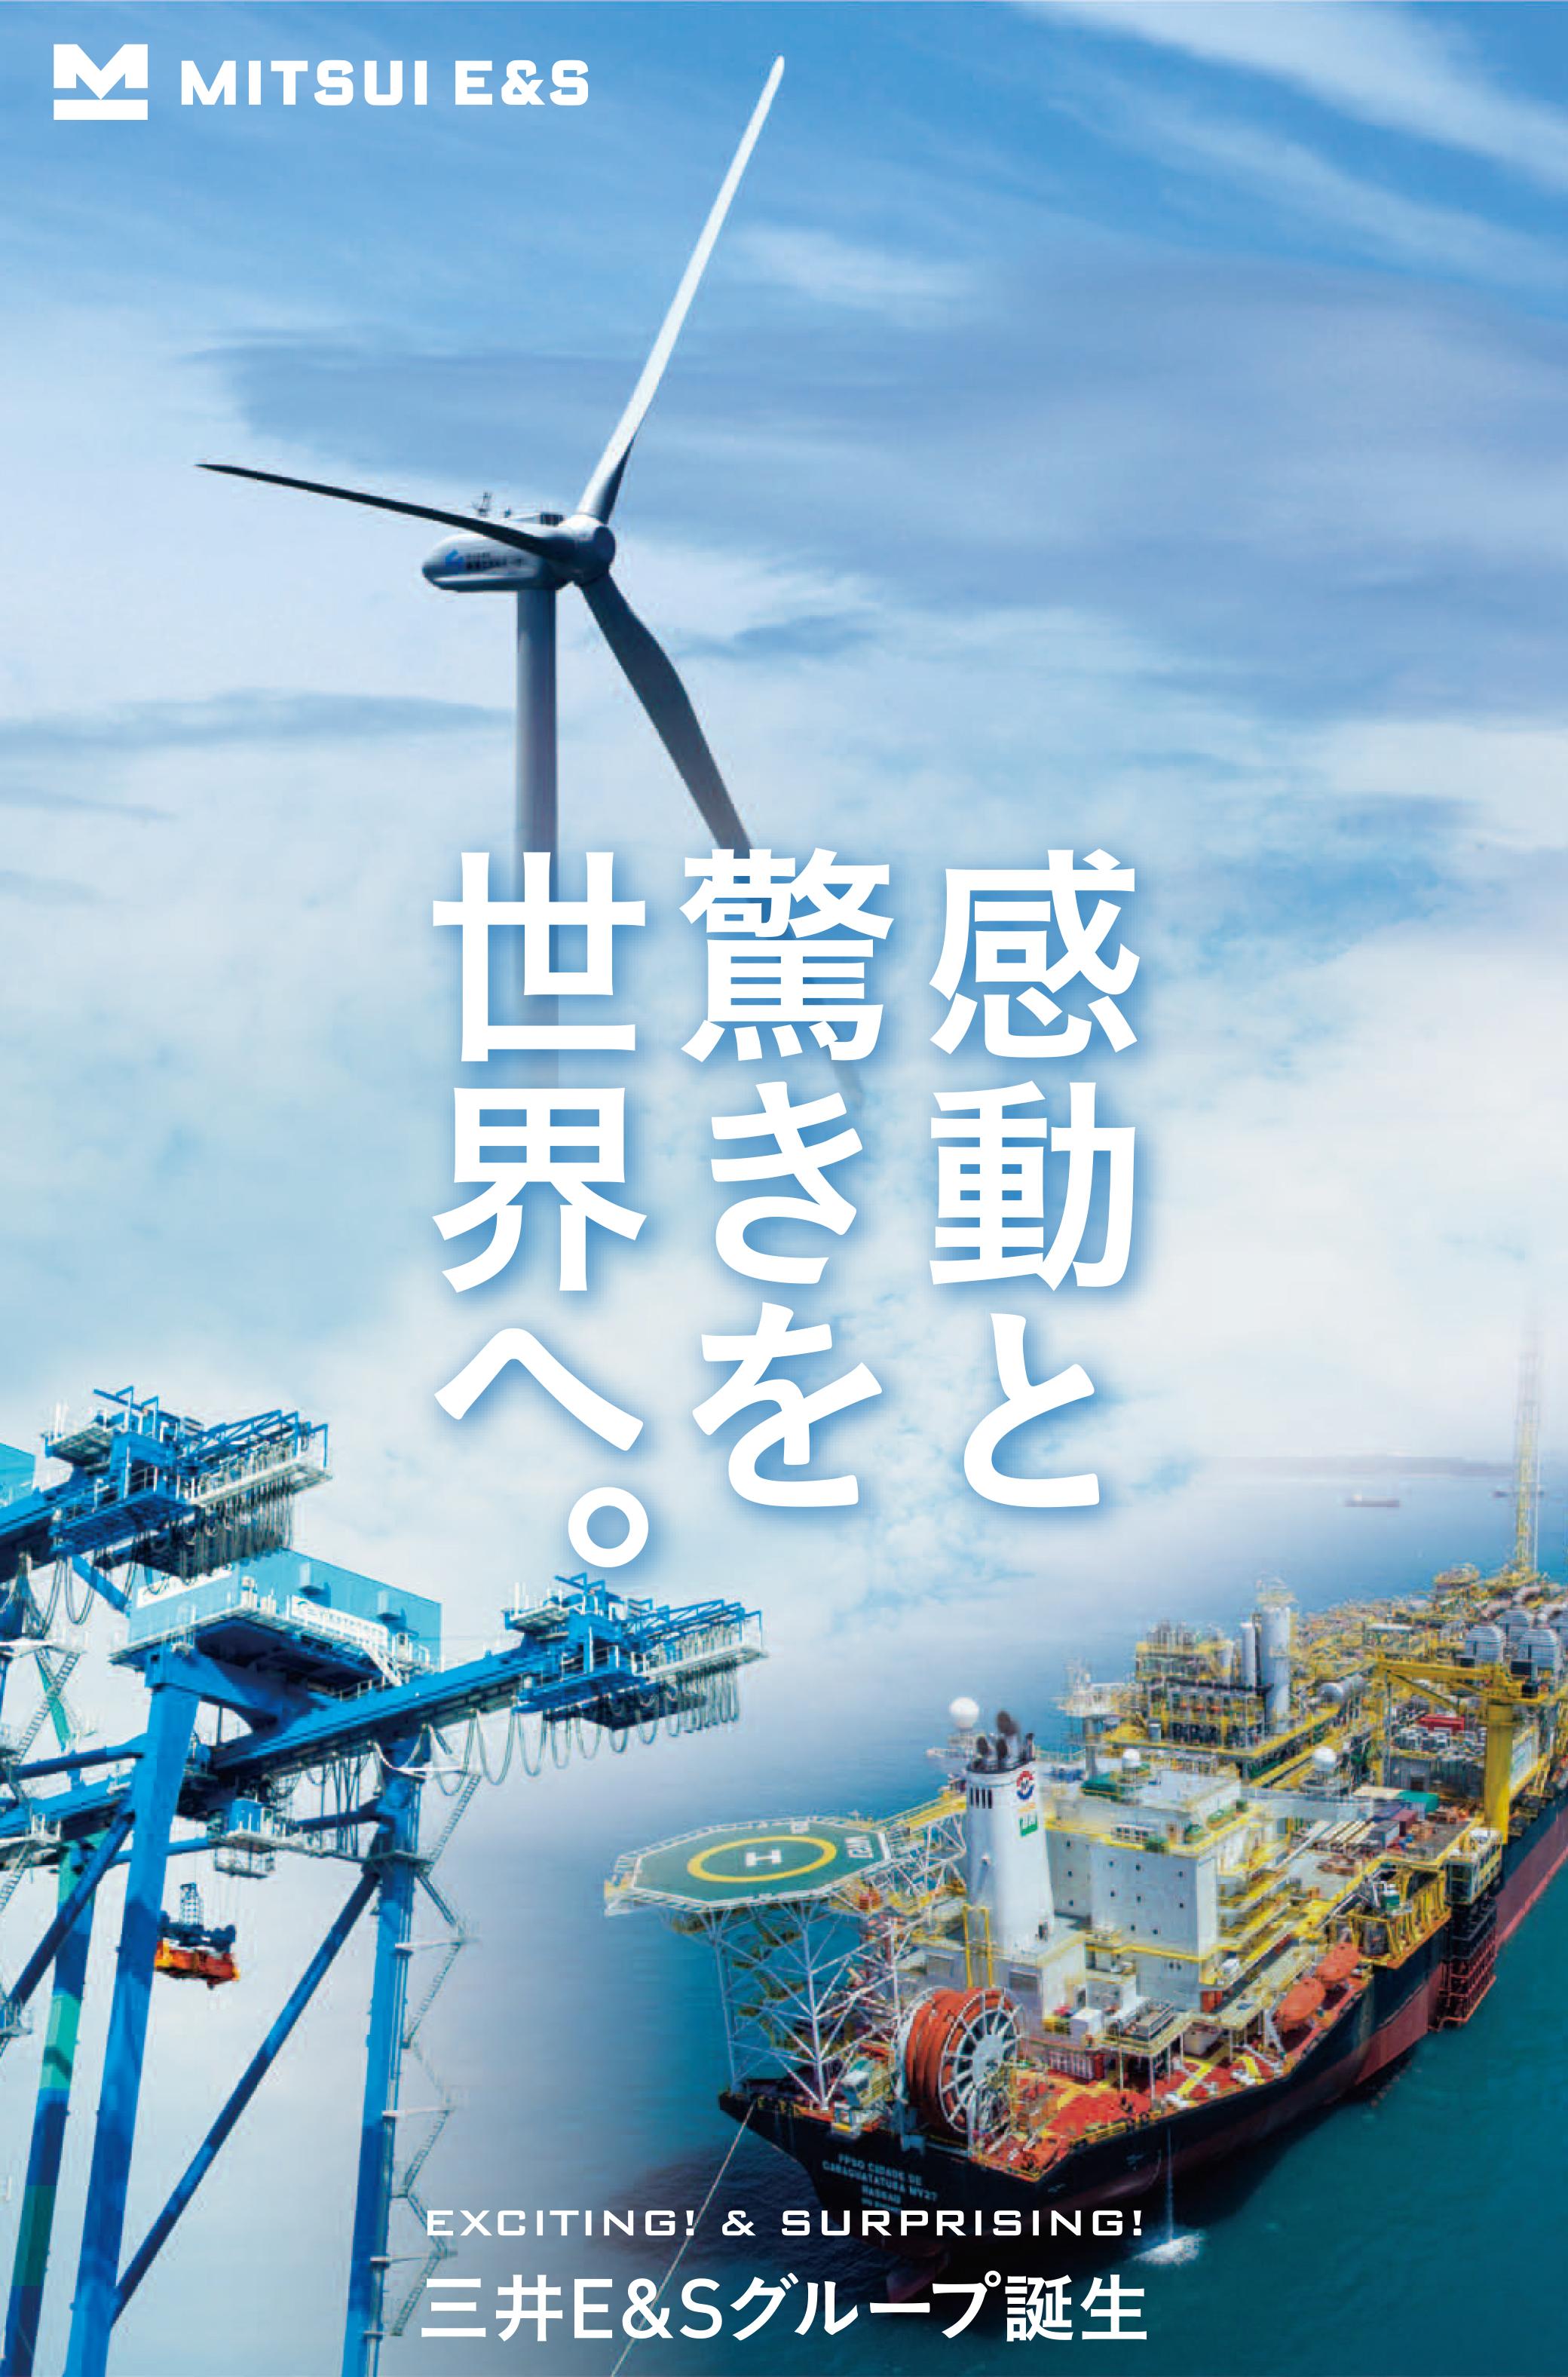 企業インタビュー 三井E&Sグループ(三井造船株式会社)